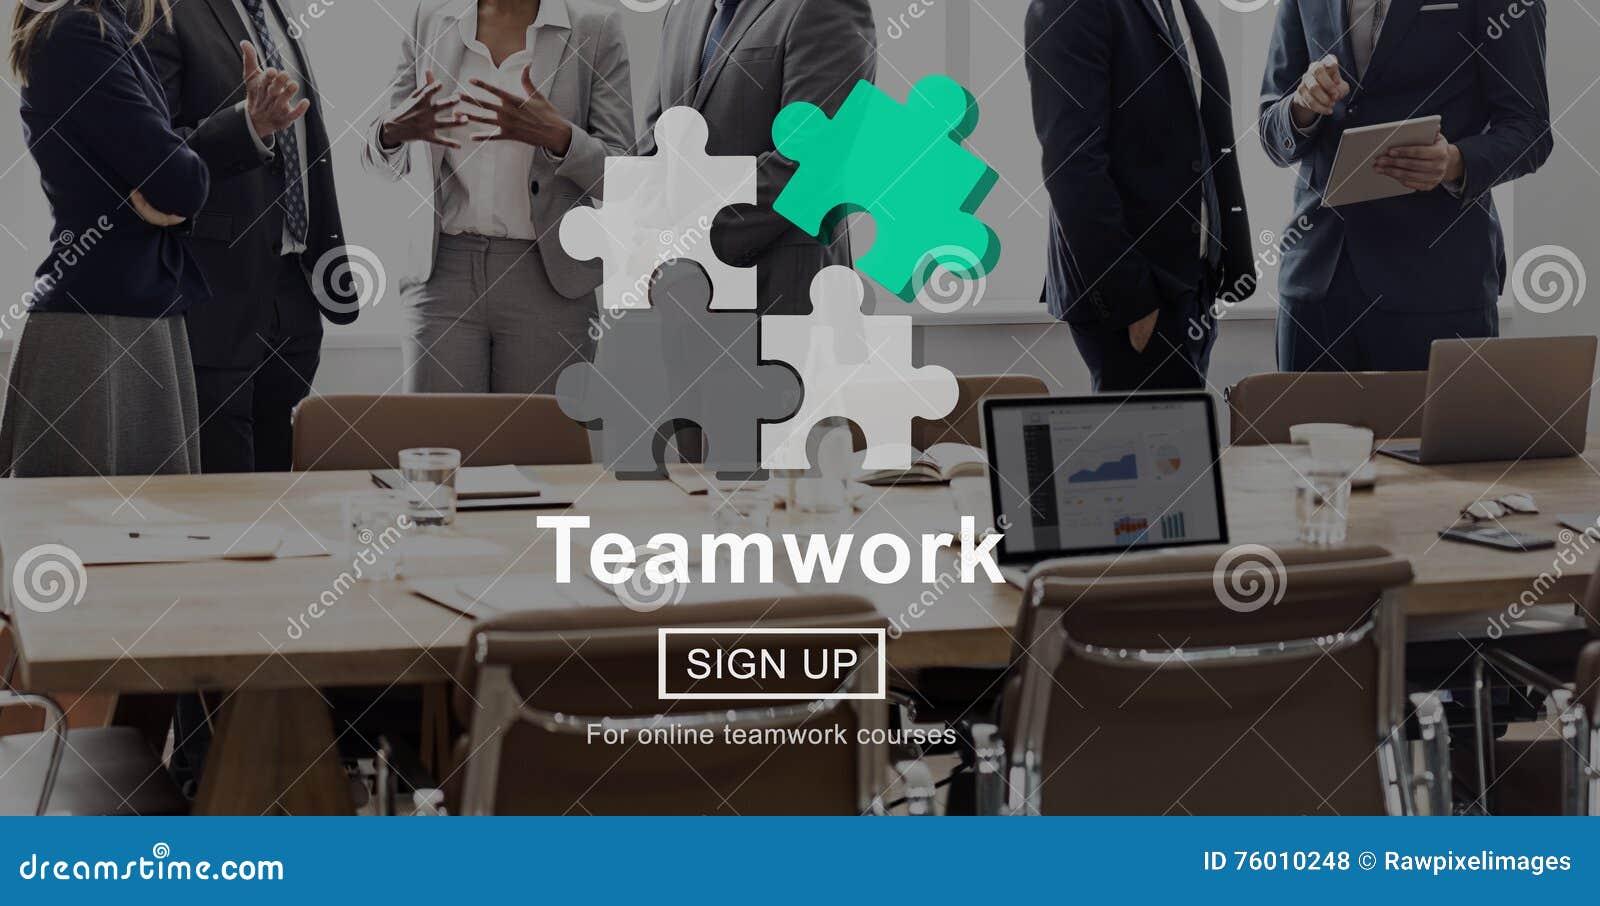 Έννοια ενότητας συμμαχίας συνεργασίας ομαδικής εργασίας ομάδας